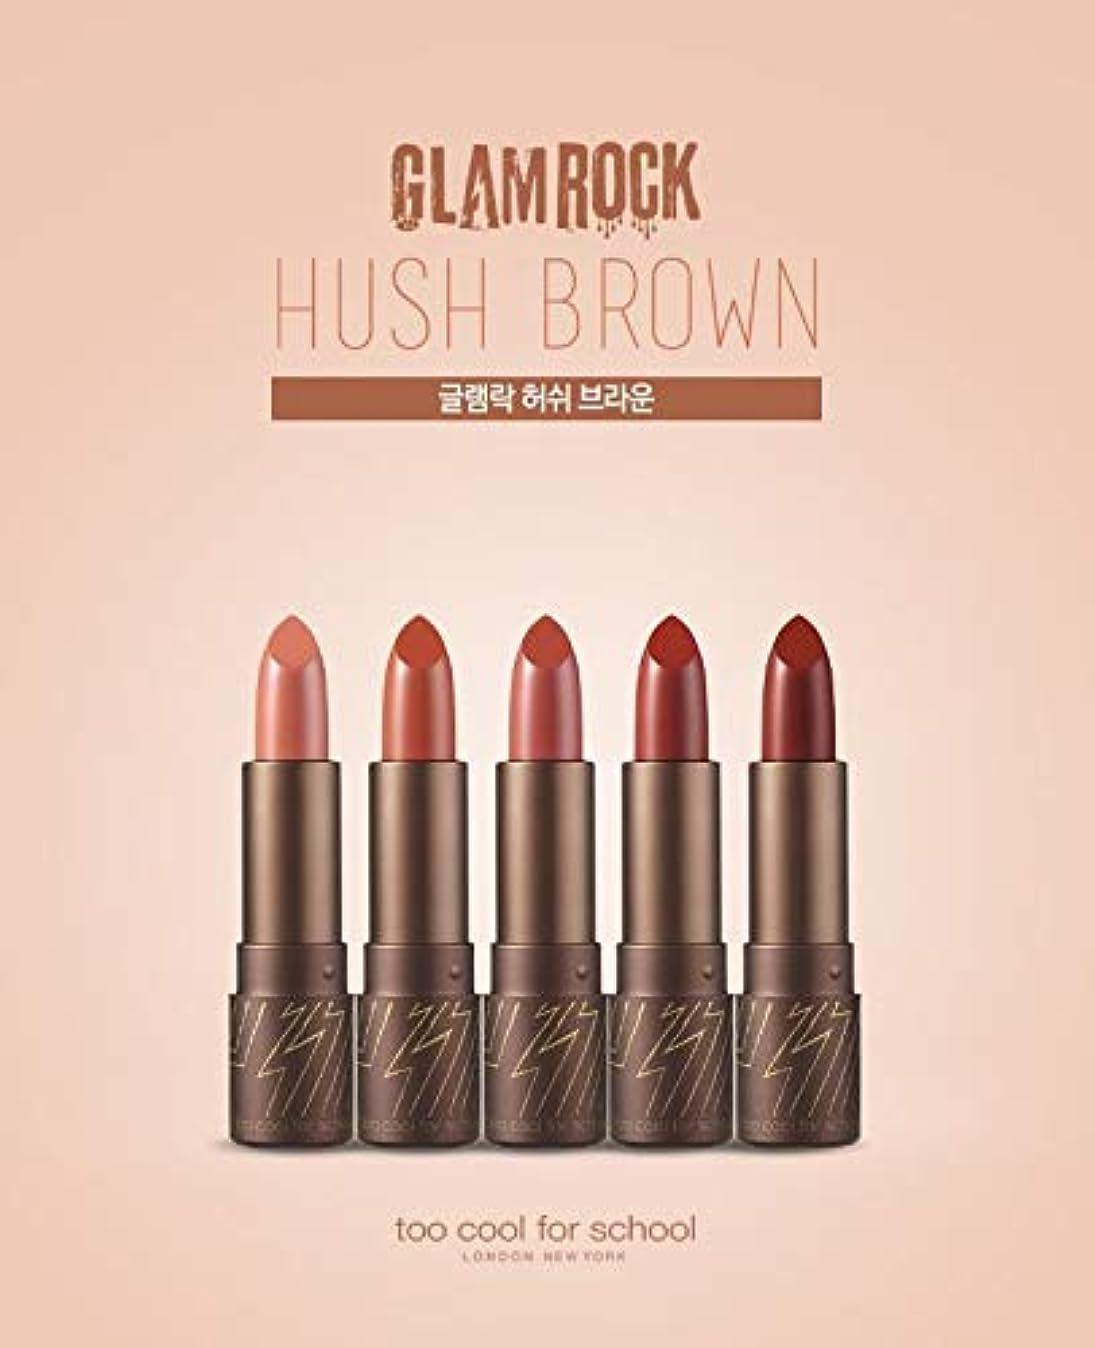 柱レイアウトそうでなければ[too cool for school] GLAMROCK Hush Brown 4.2g /グルレムラクハーシーブラウン (1号 Mute/ミュート) [並行輸入品]